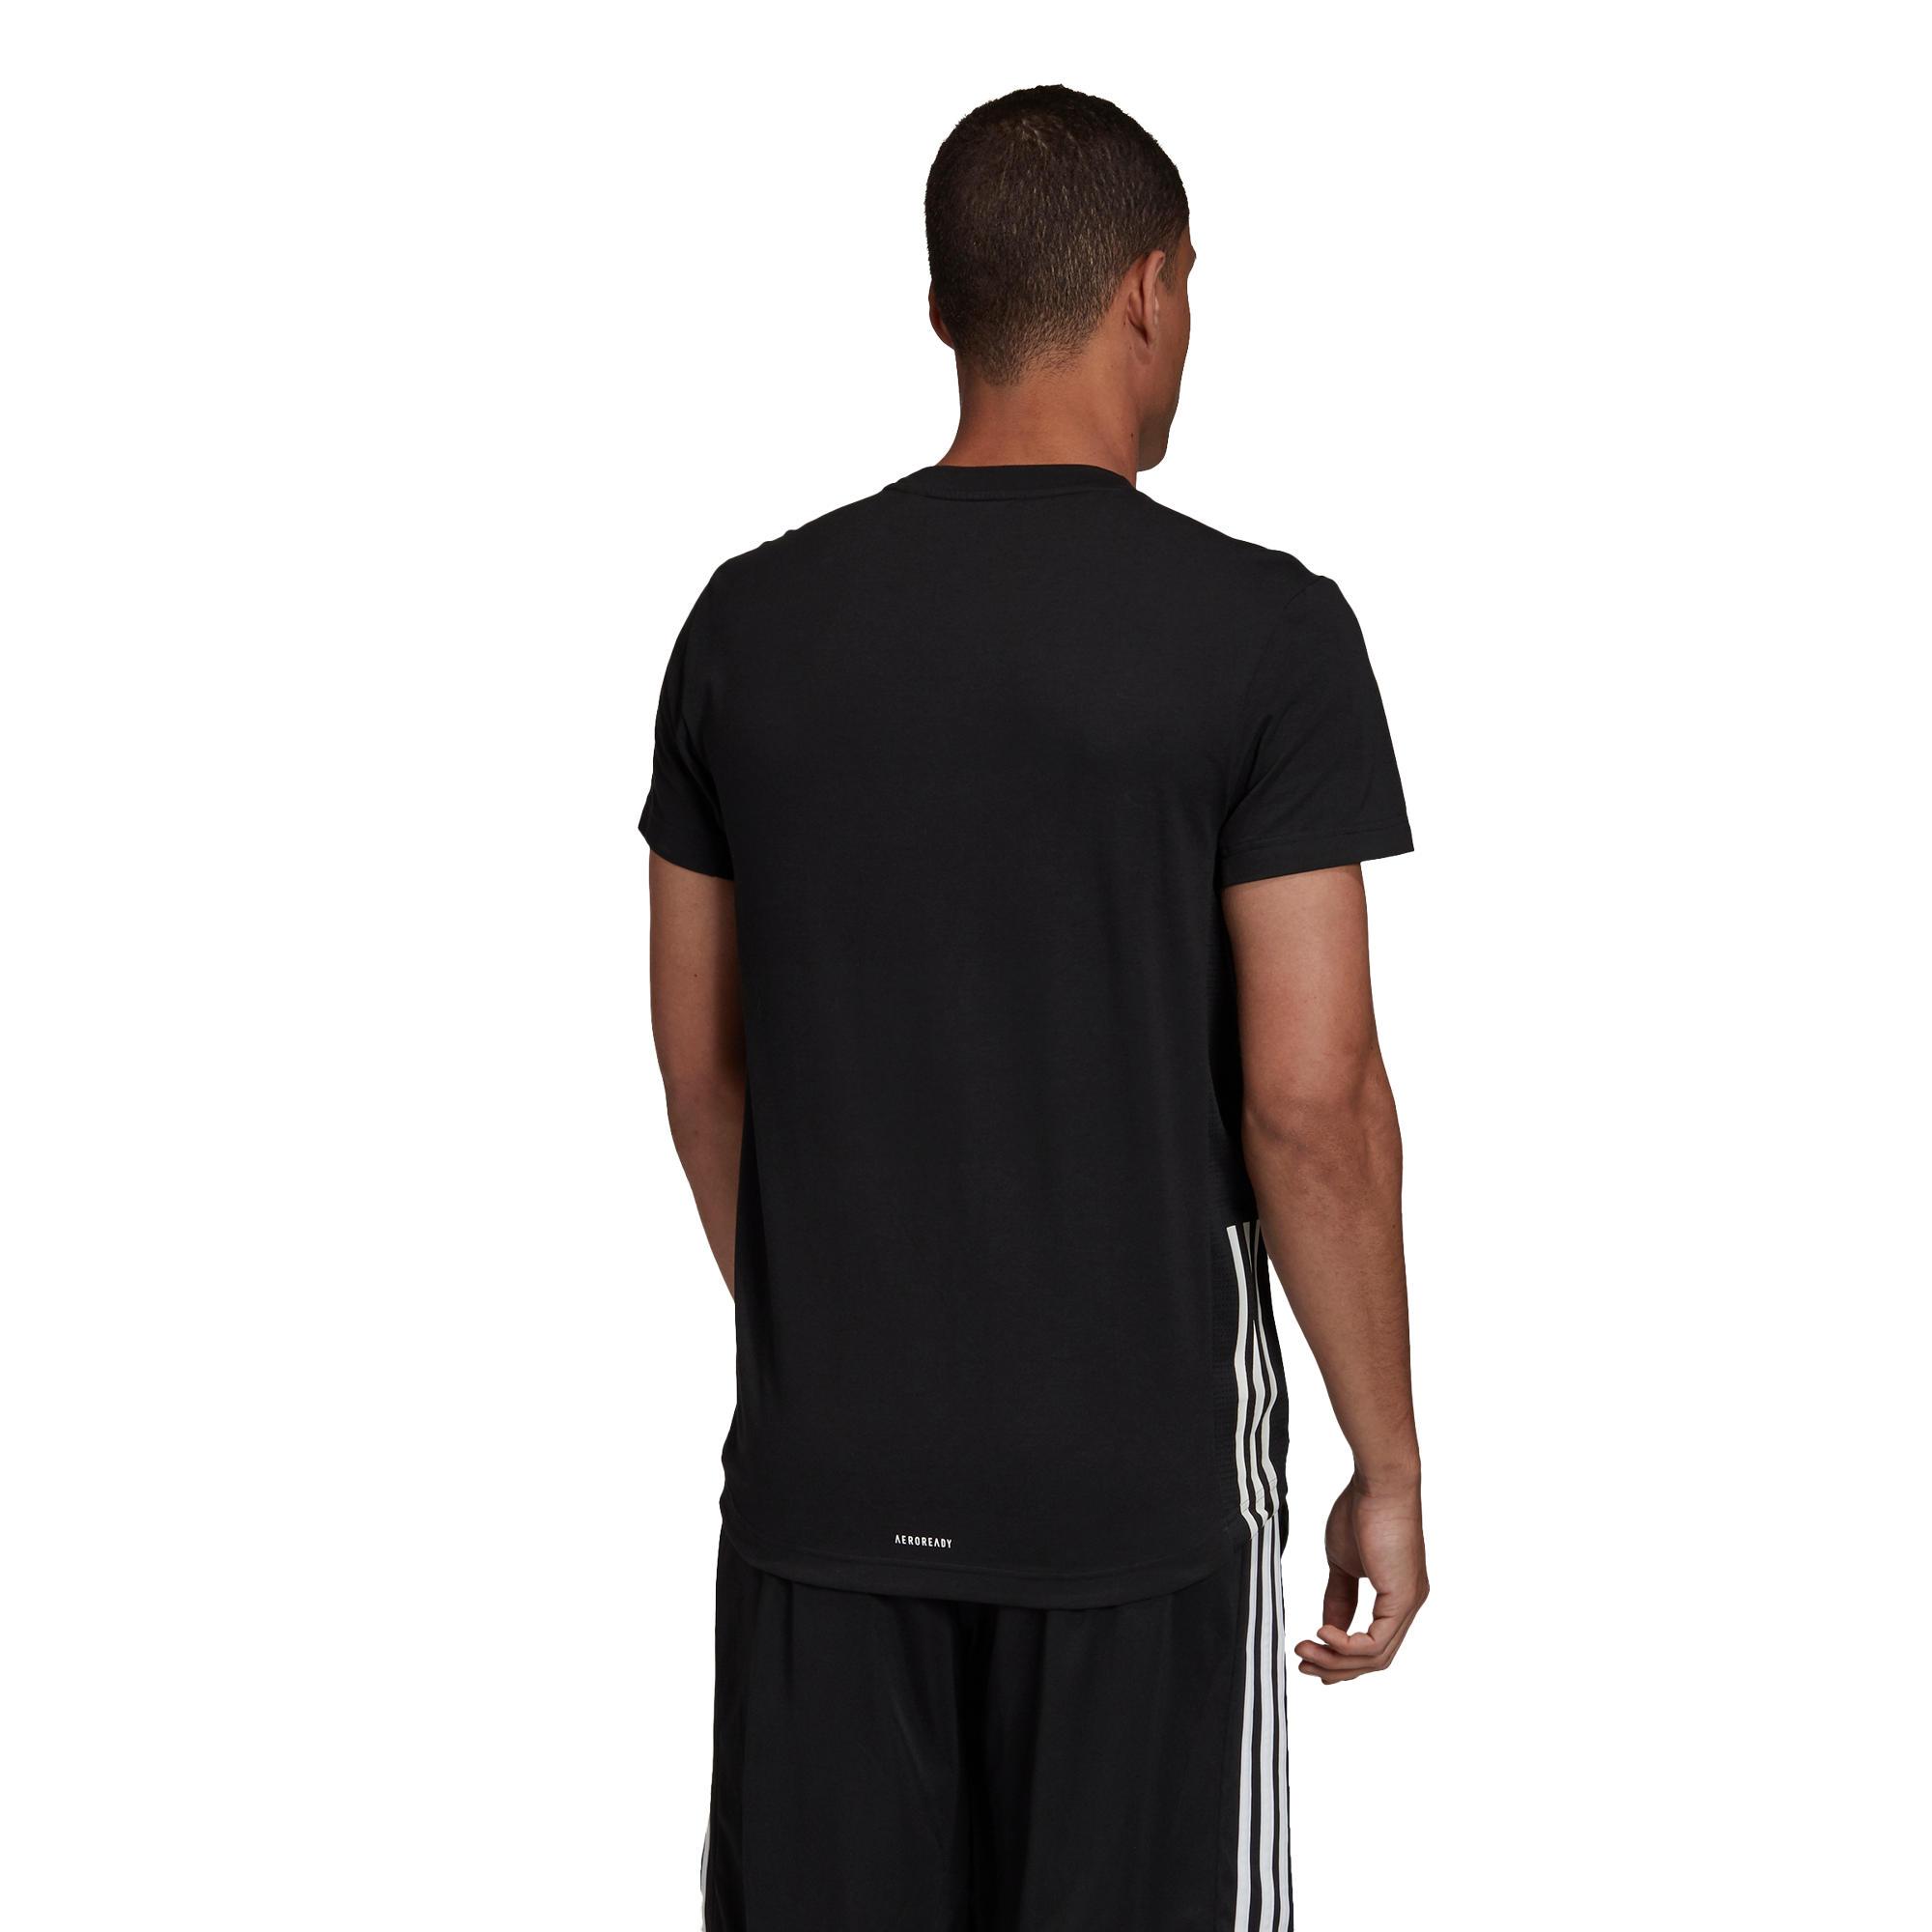 Tricou Adidas MOTION bărbați